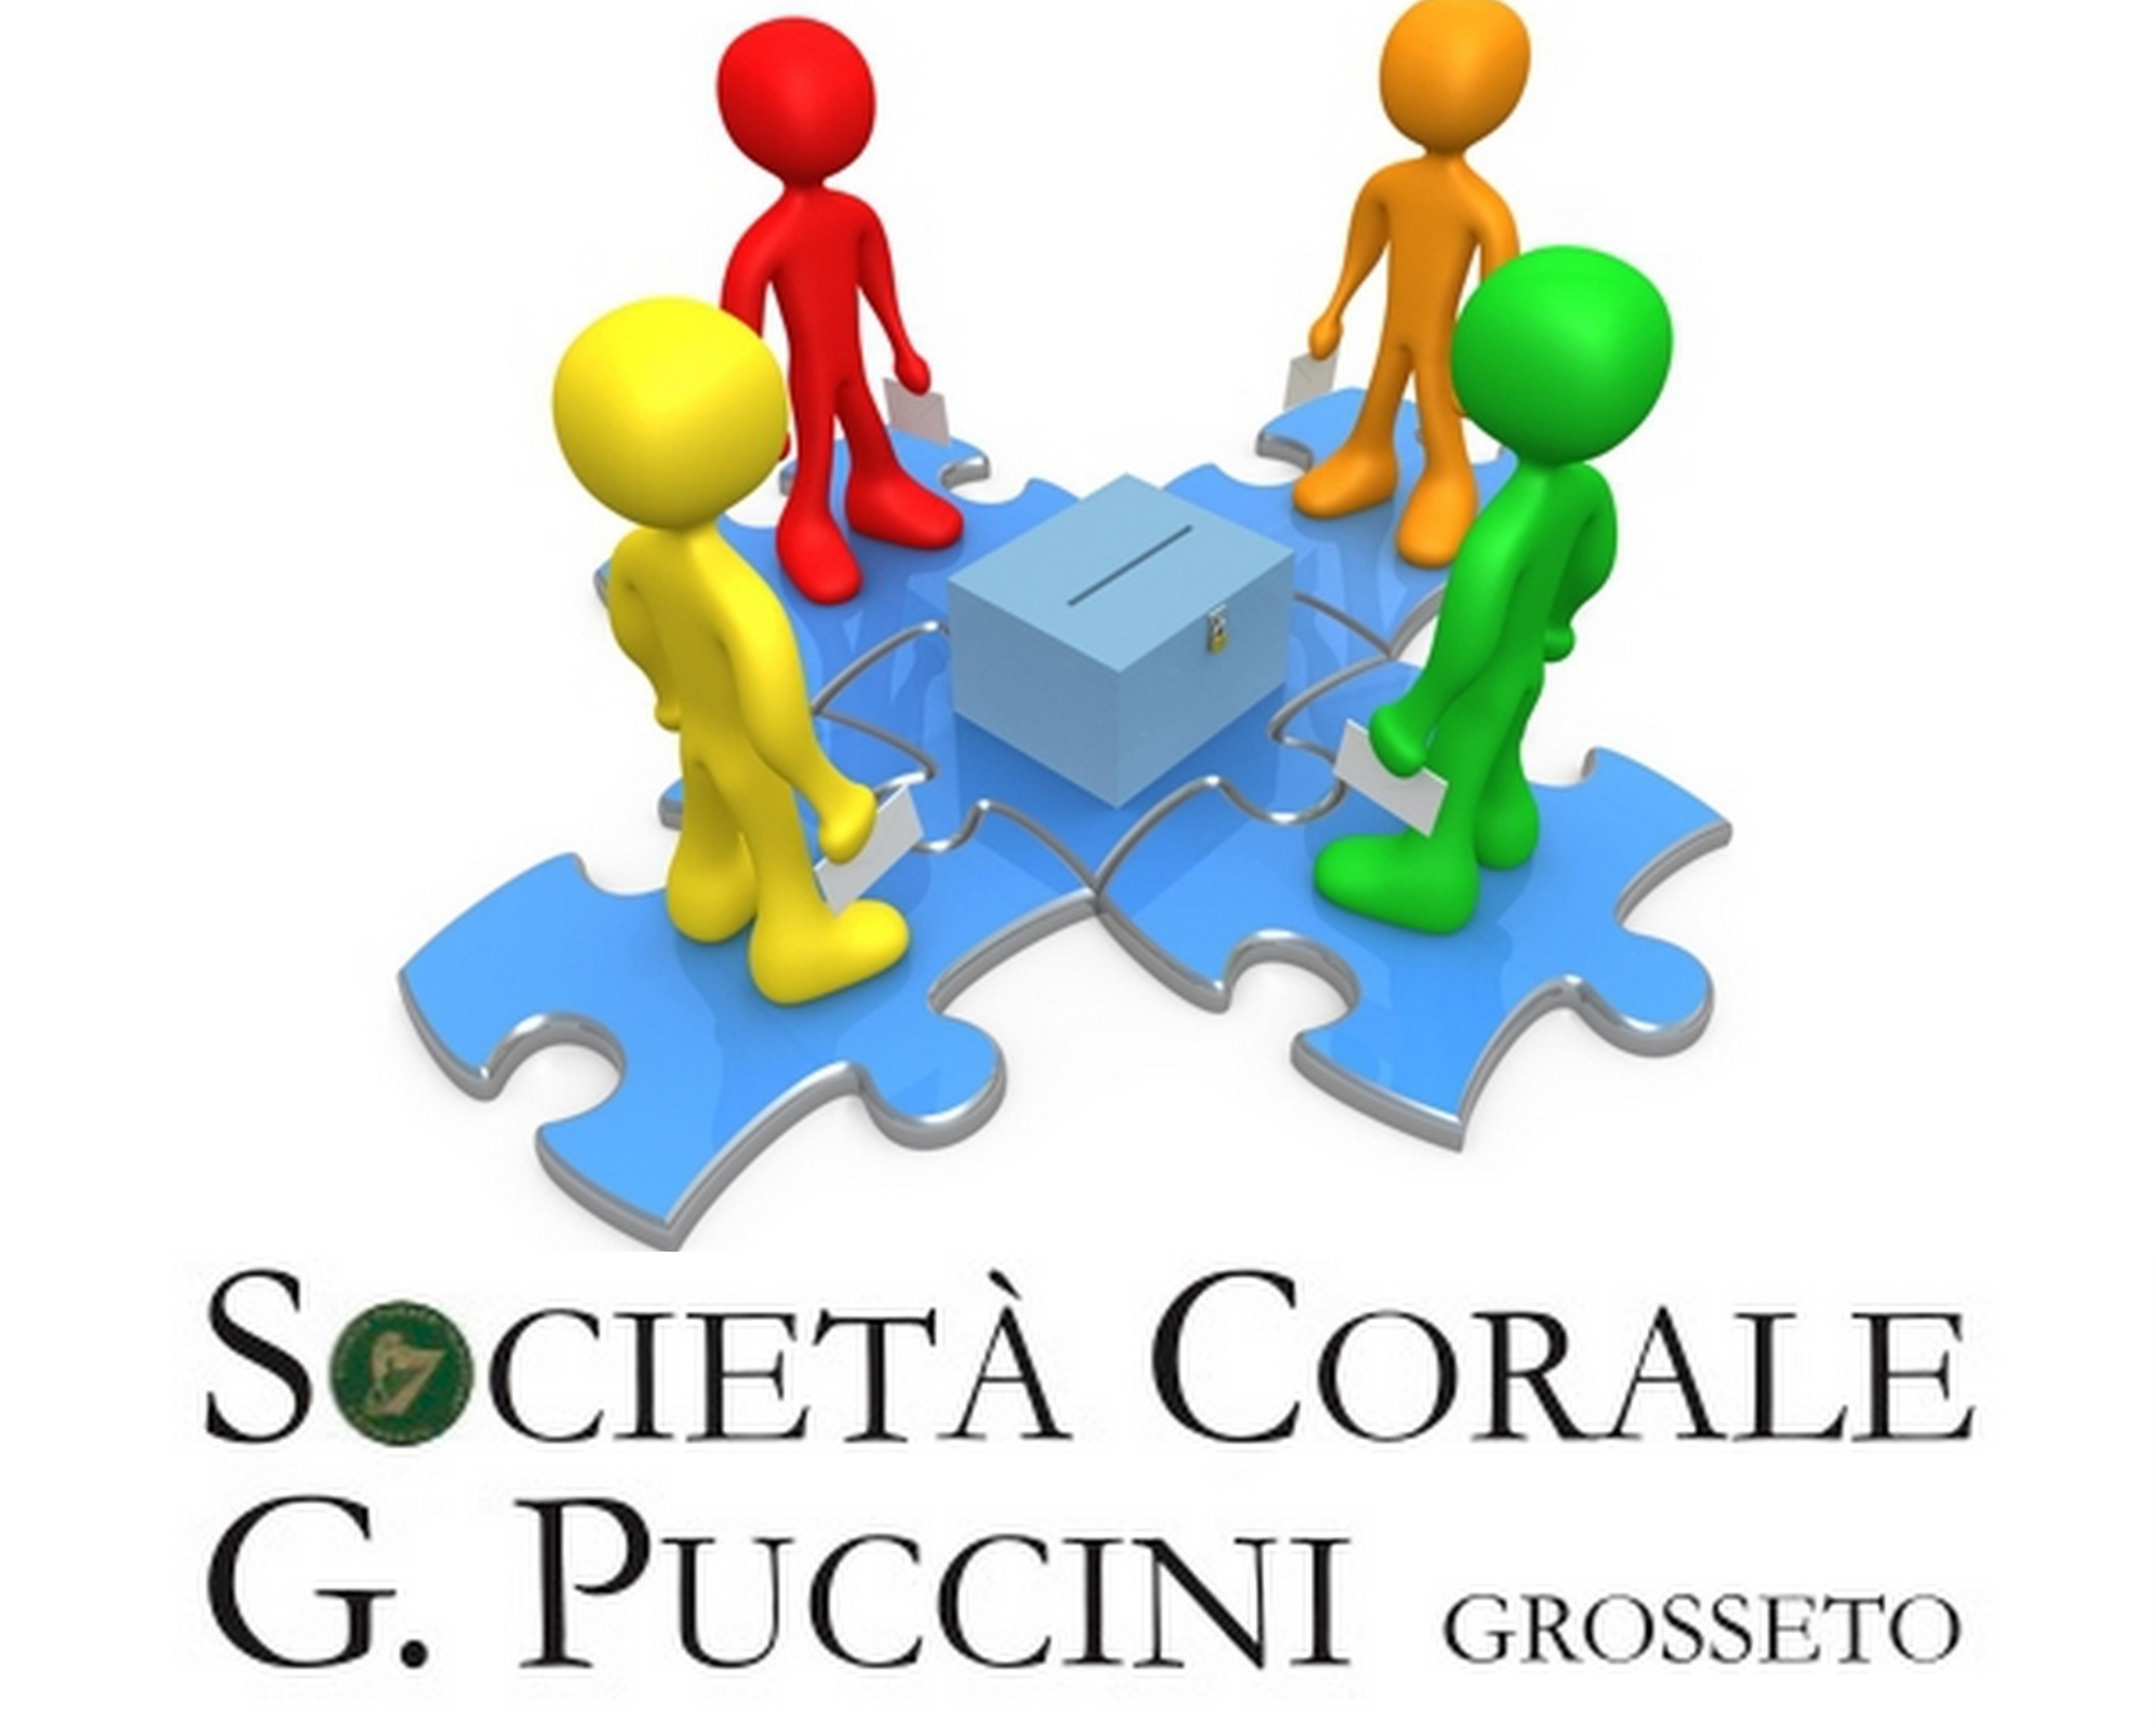 Soc. Corale G. Puccini Grosseto: 14 e 15 maggio – Rinnovo cariche sociali 2016/2018 –